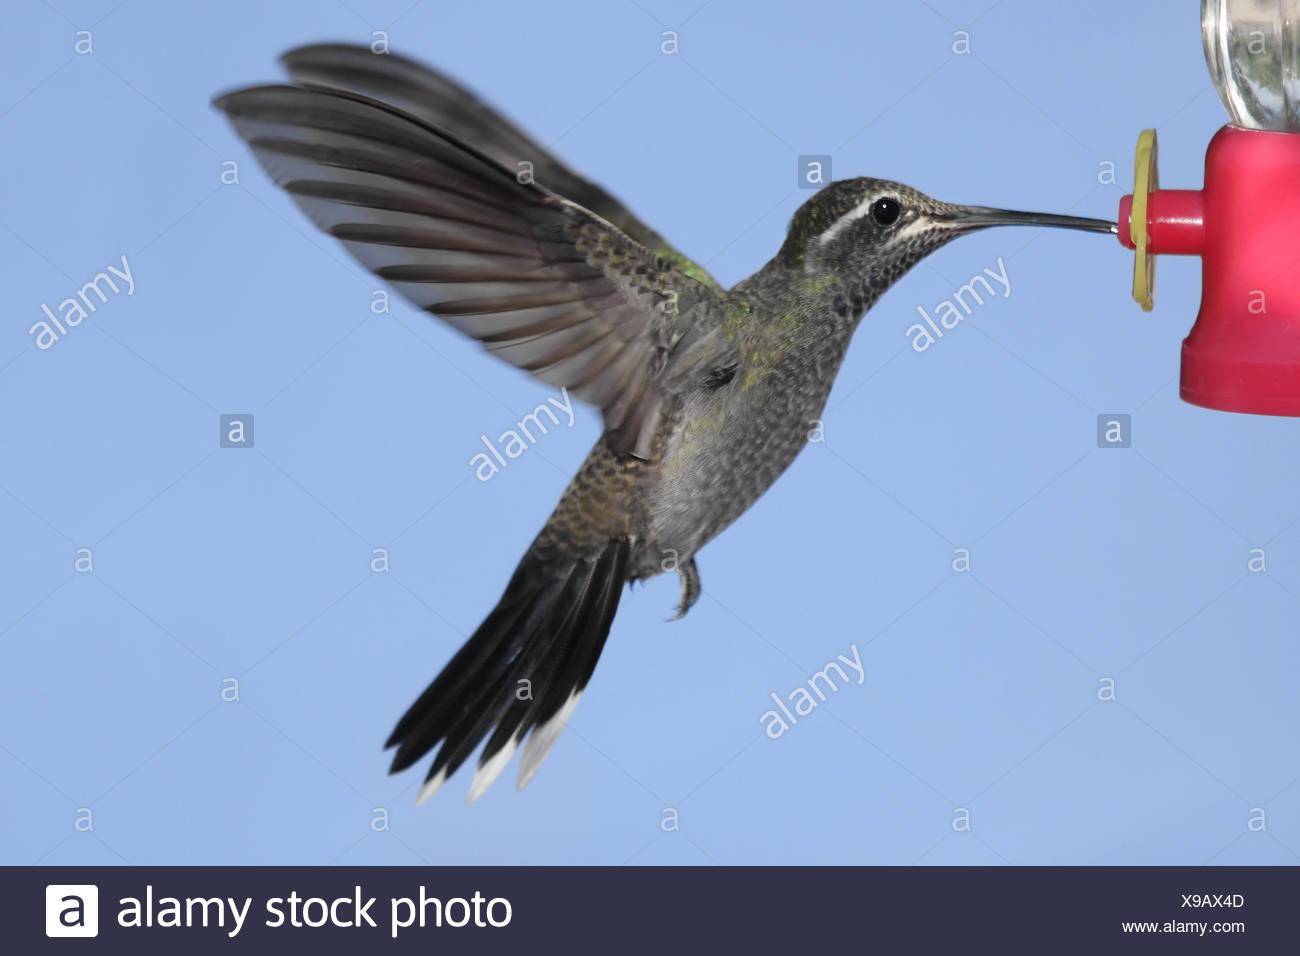 Ausgezeichnet Kolibri Feeder Färbung Seite Fotos - Malvorlagen Von ...